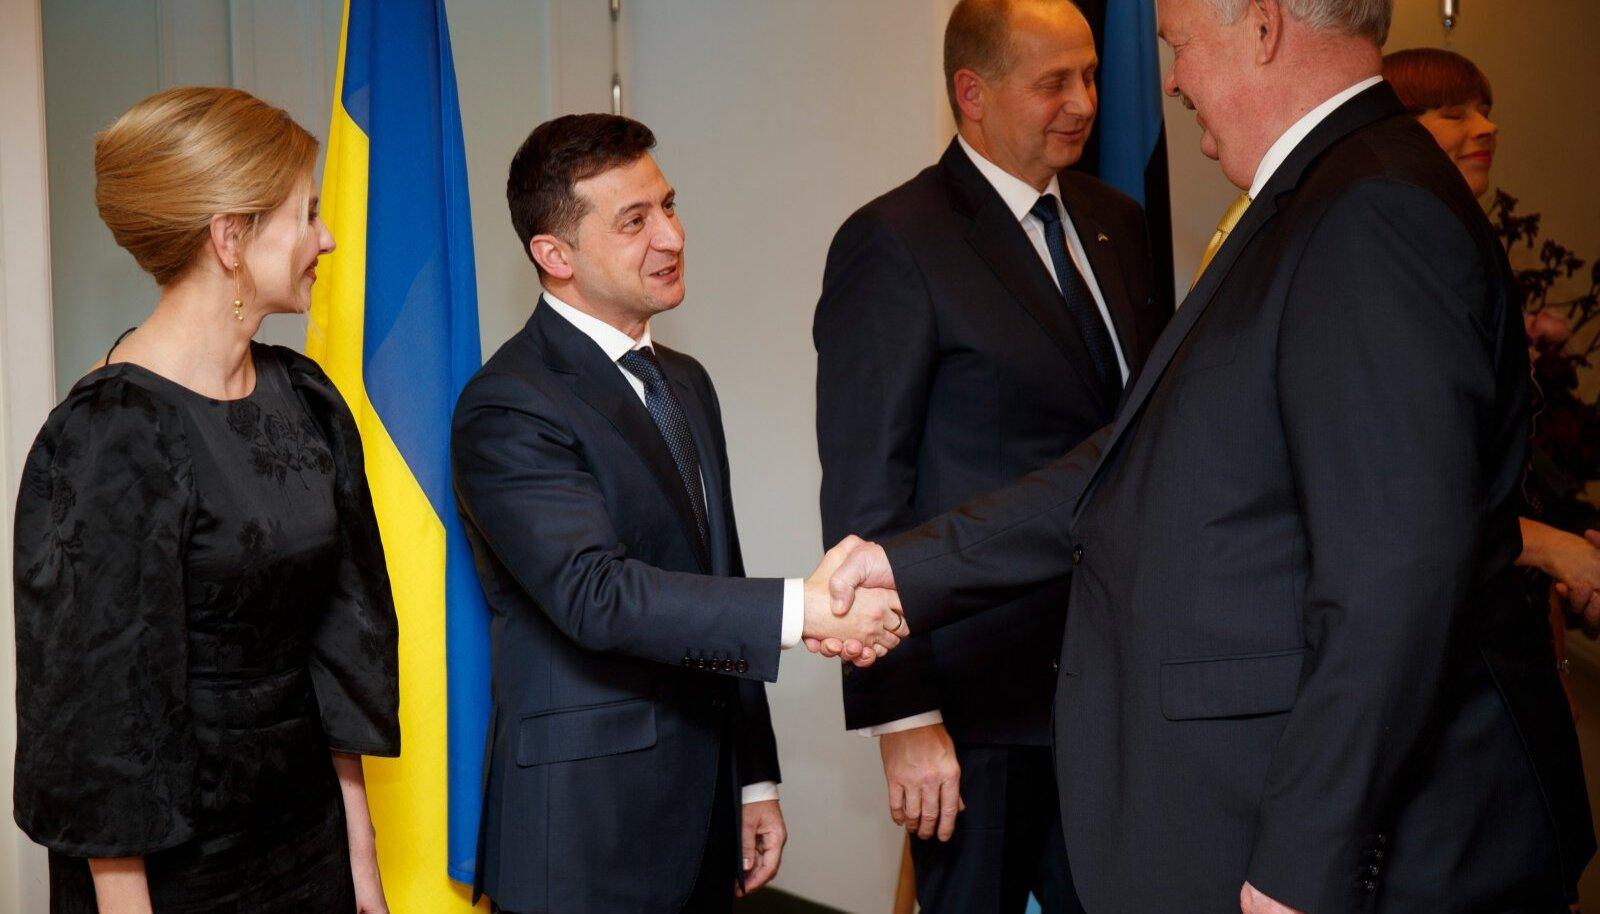 Грузия, Молдова и Украина заявили на конференции в Батуми о стремлении в ЕС  - Delfi RUS